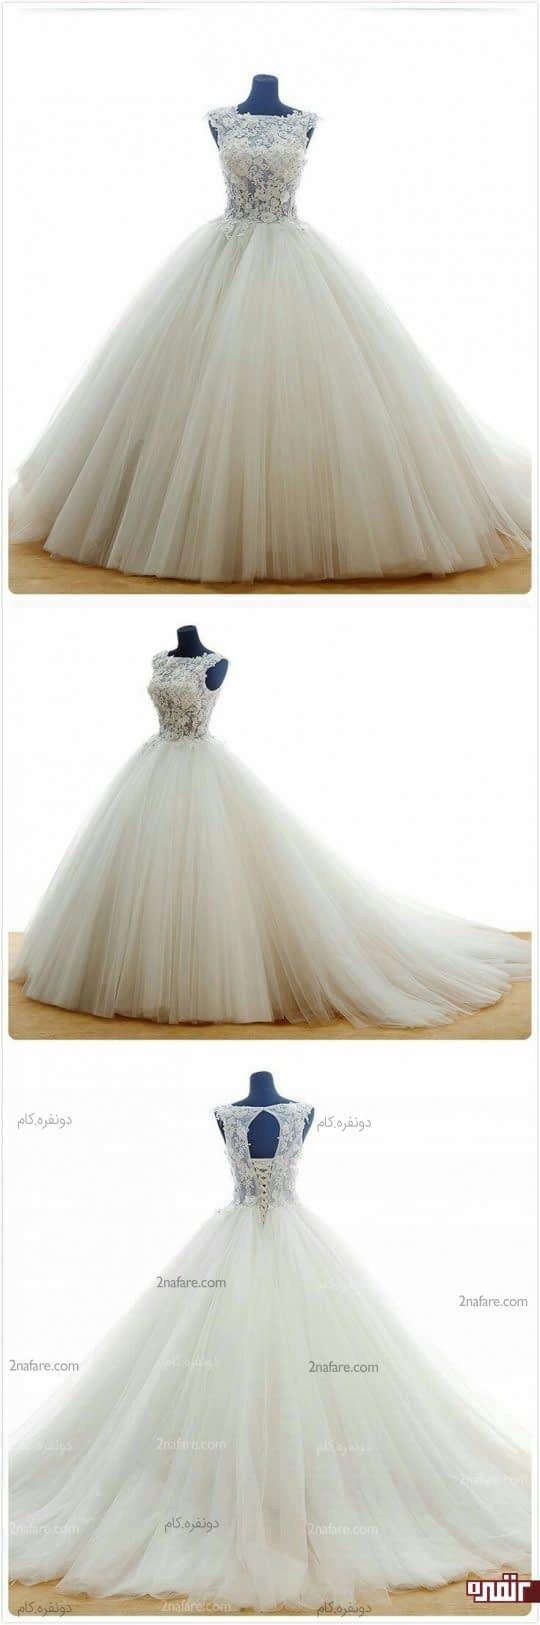 لباس عروس دامن توری و بالاتنه گیپور